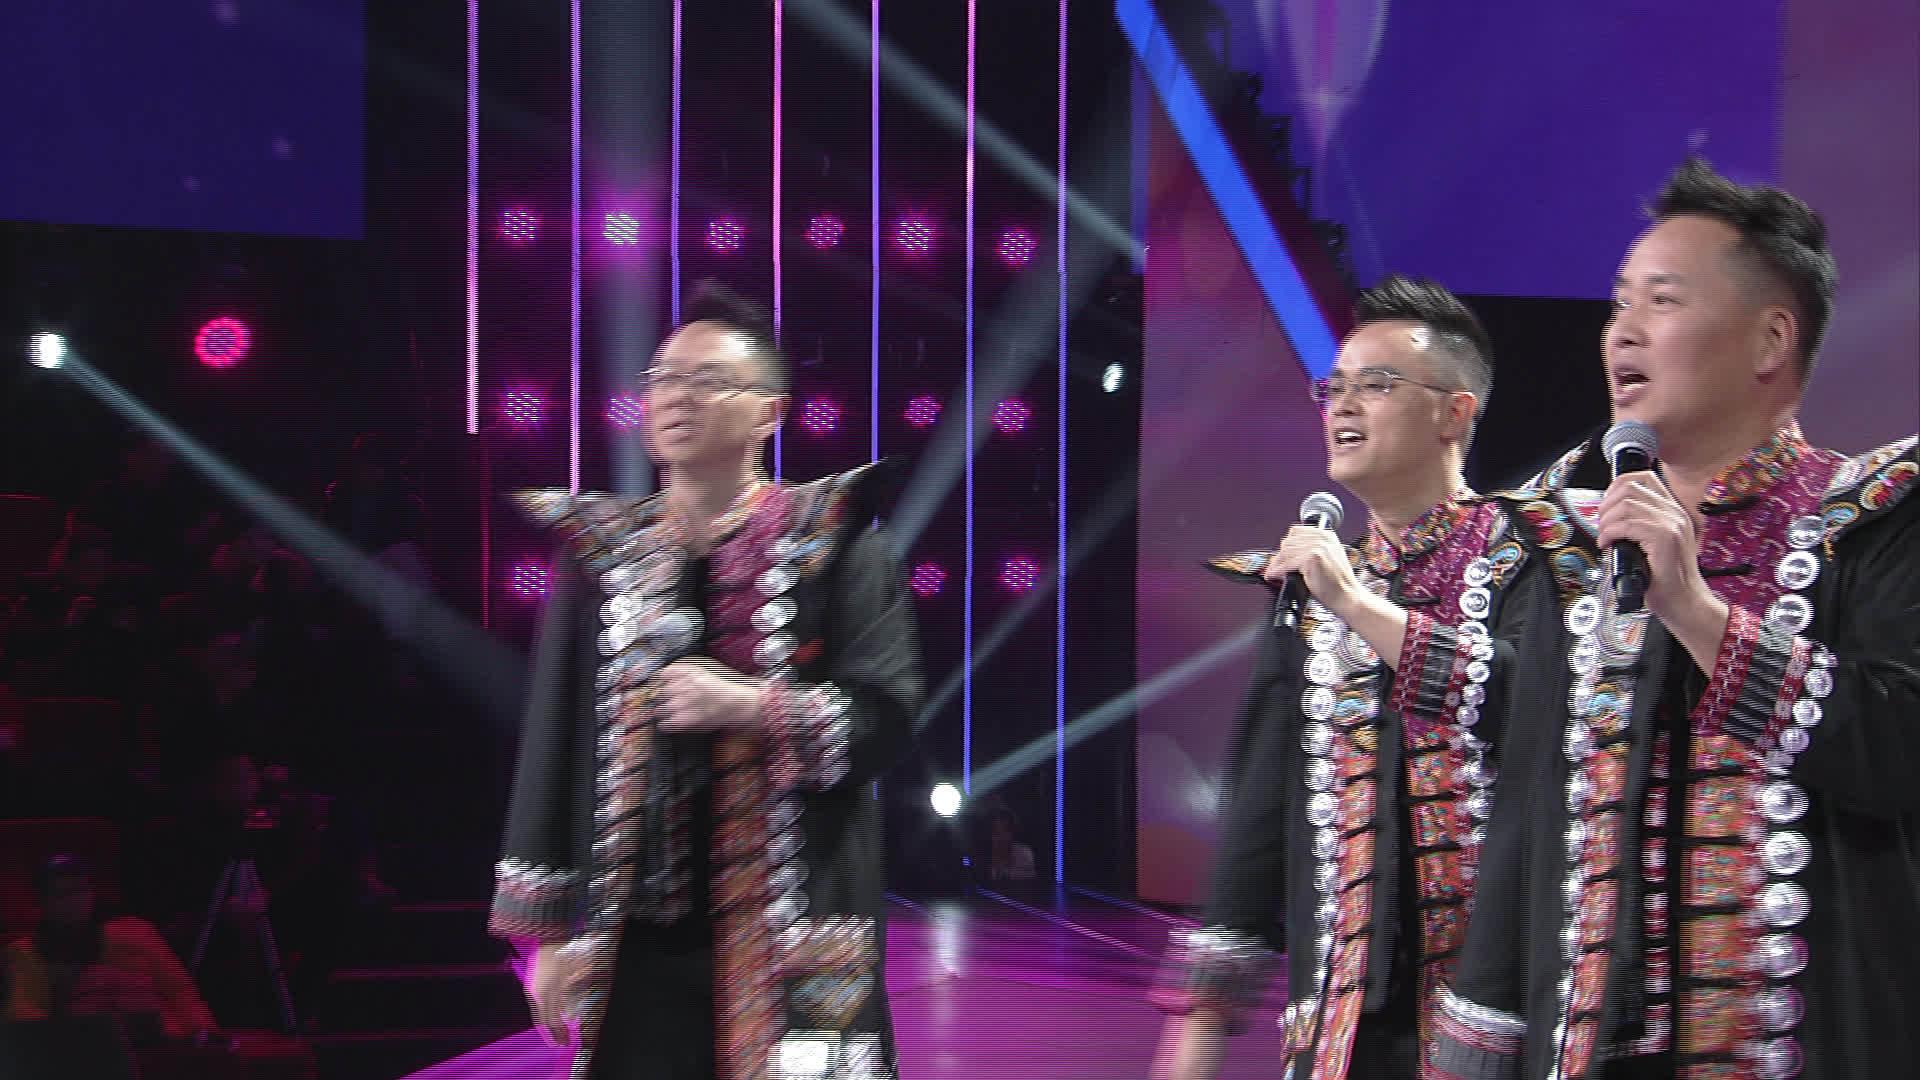 本周周赛选手介绍:刘淇境、苏彬、杜继臣三人系彭水娇阿依组合成员